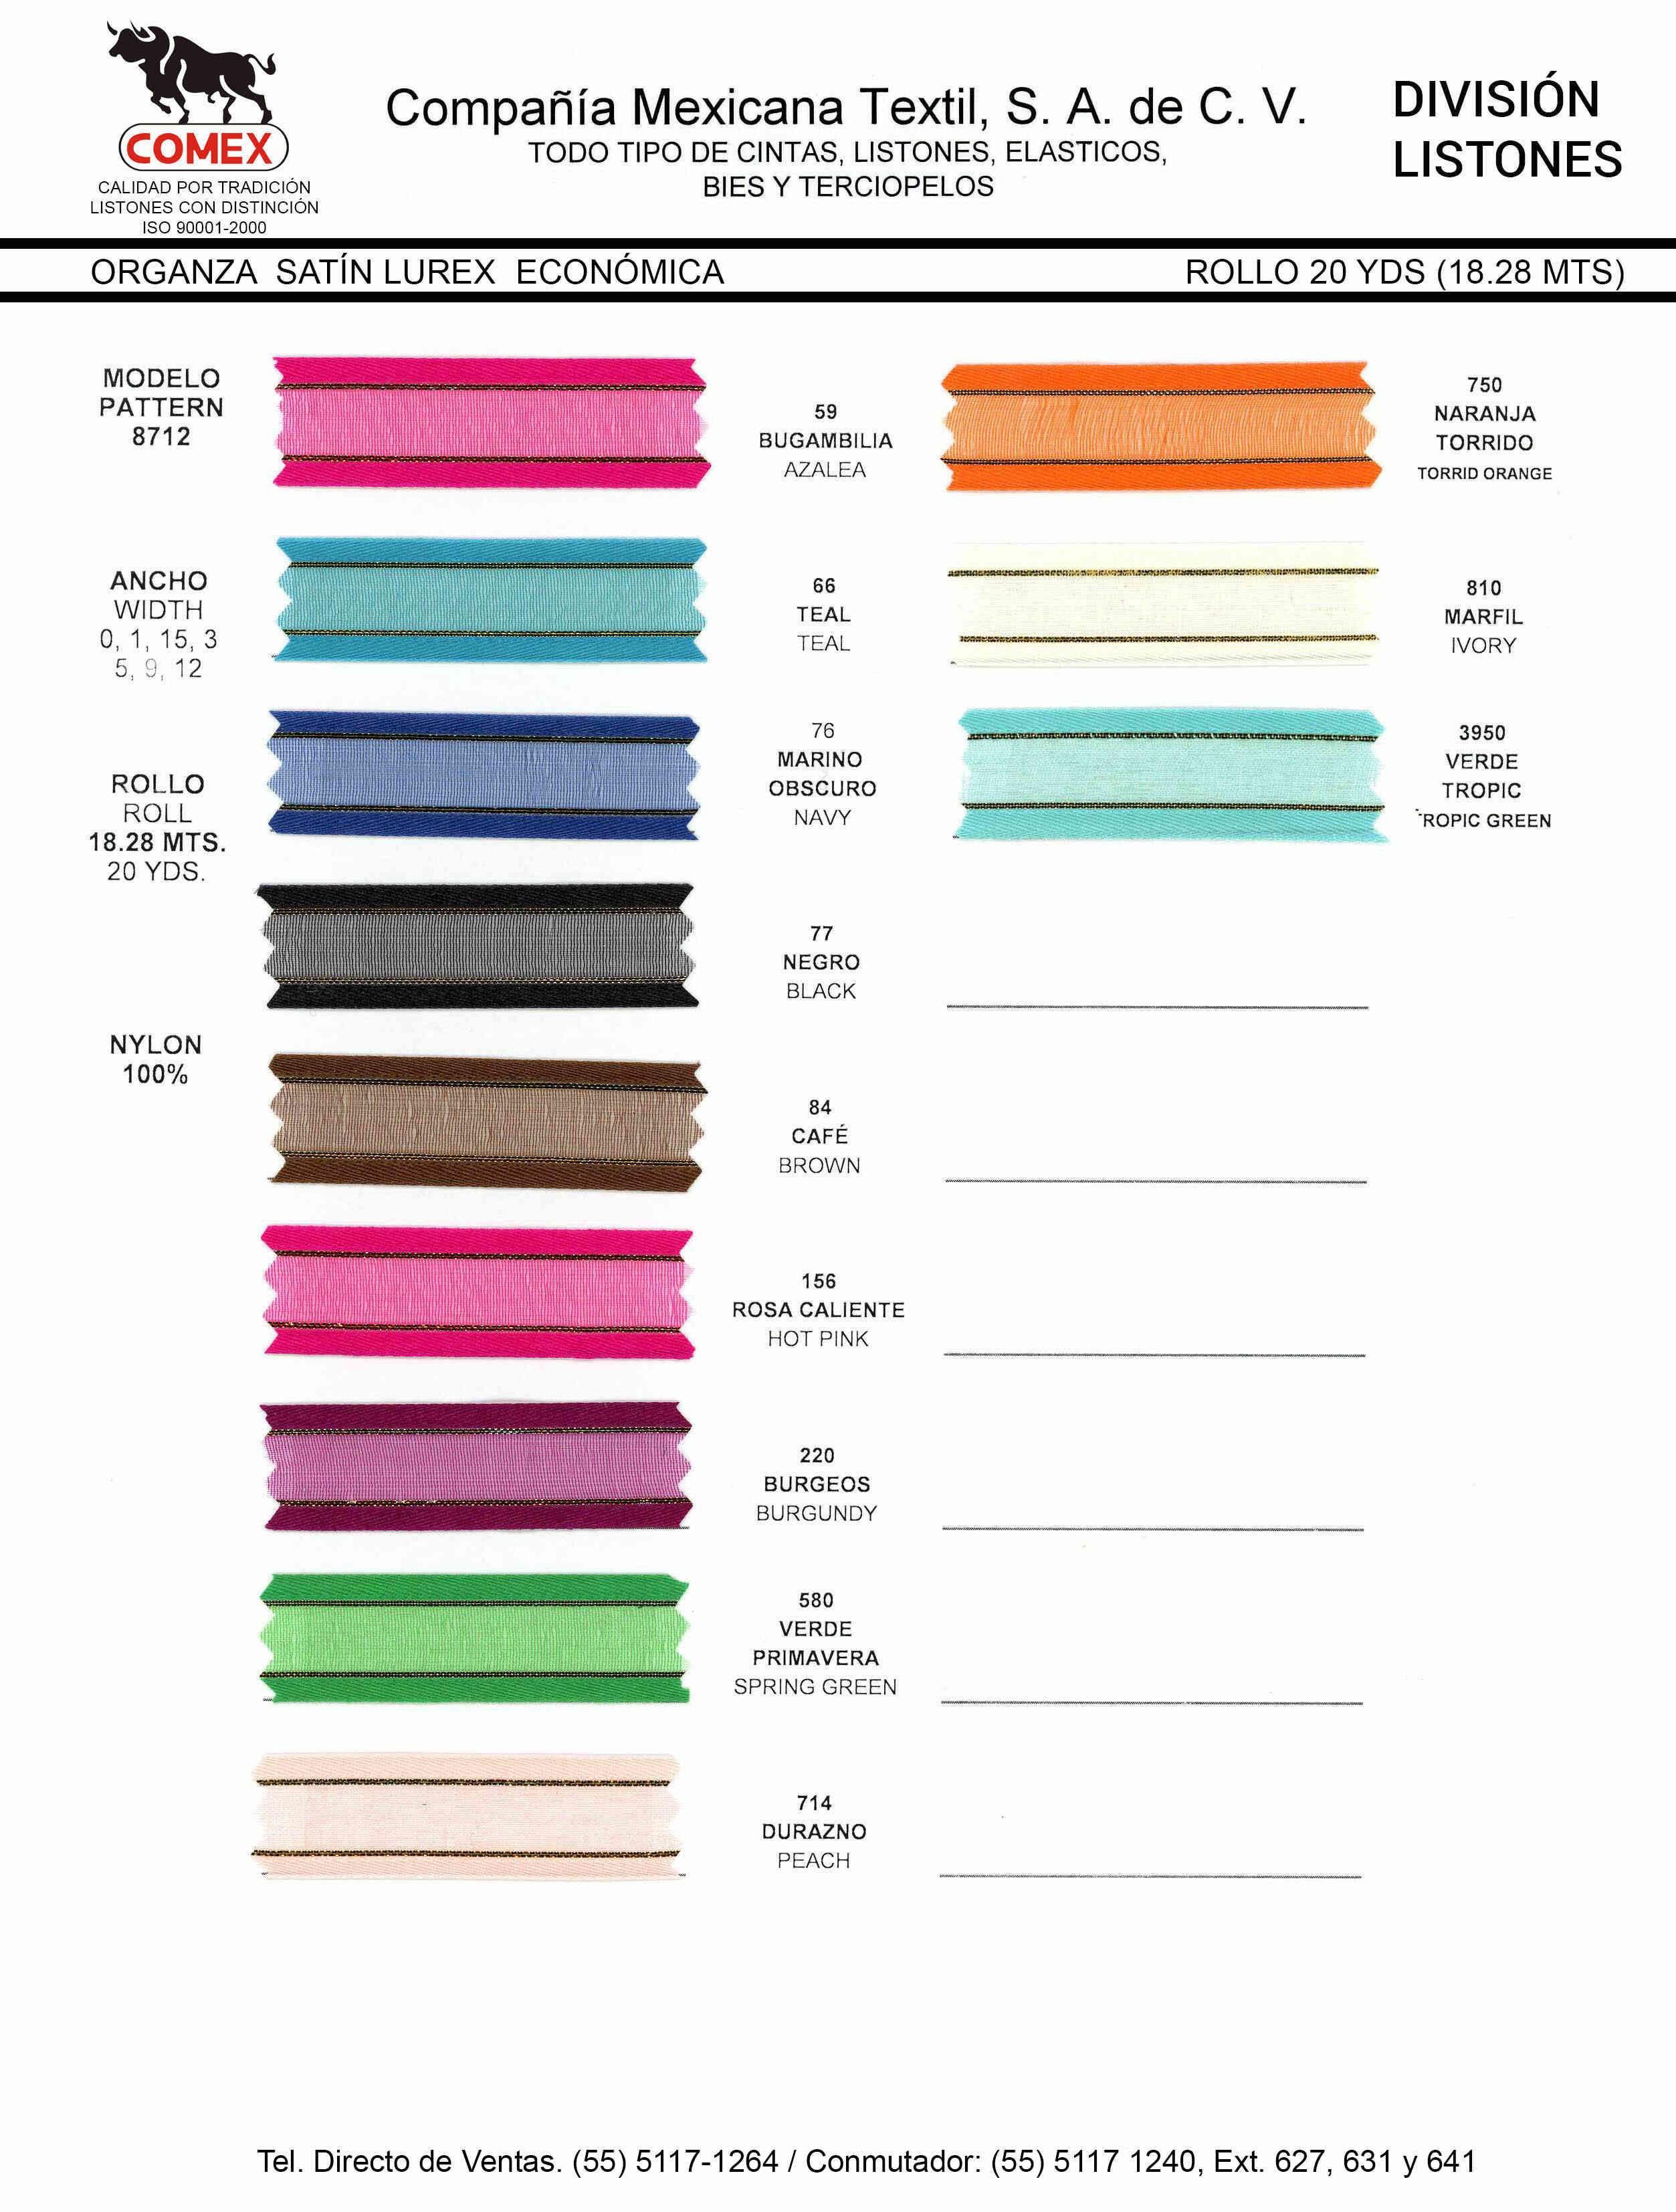 Anchos y Colores de Liston Mod.8712